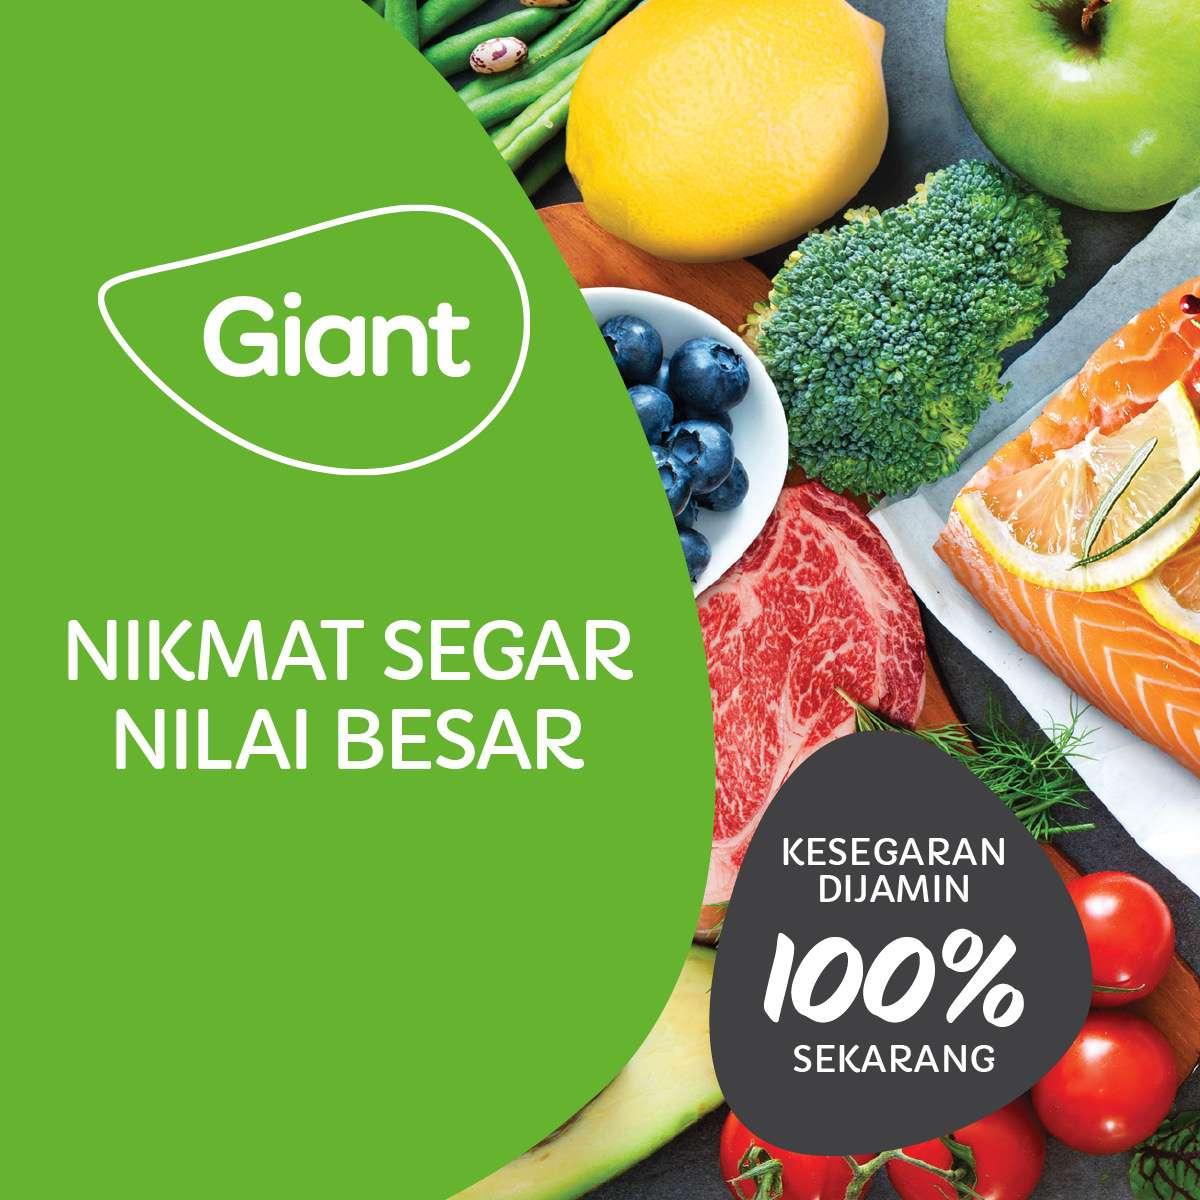 Giant Catalogue (25 June 2021 - 27 June 2021)